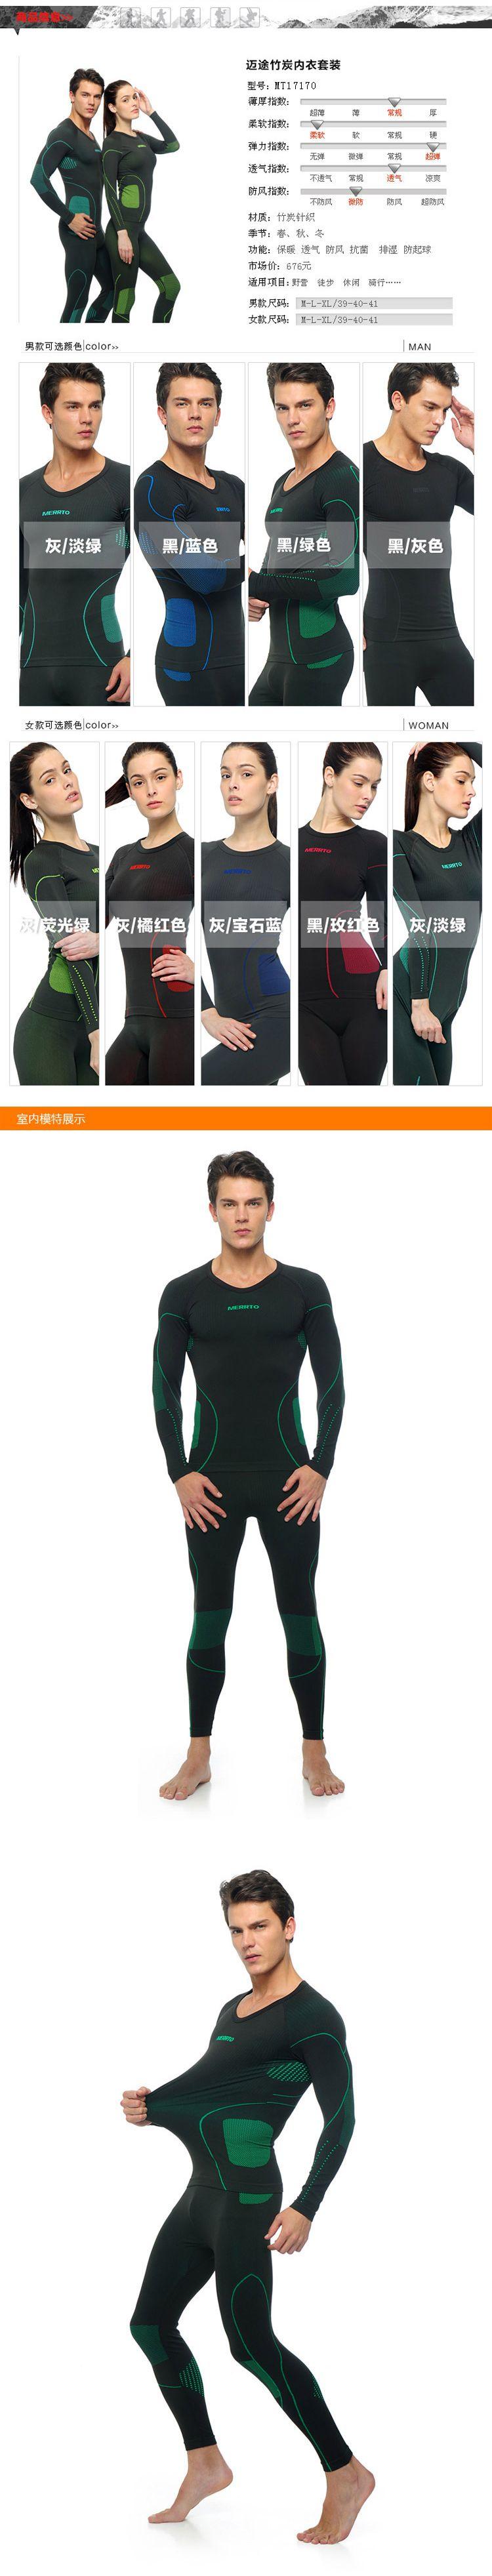 男款黑/绿色竹炭蓄热修身运动内衣套装